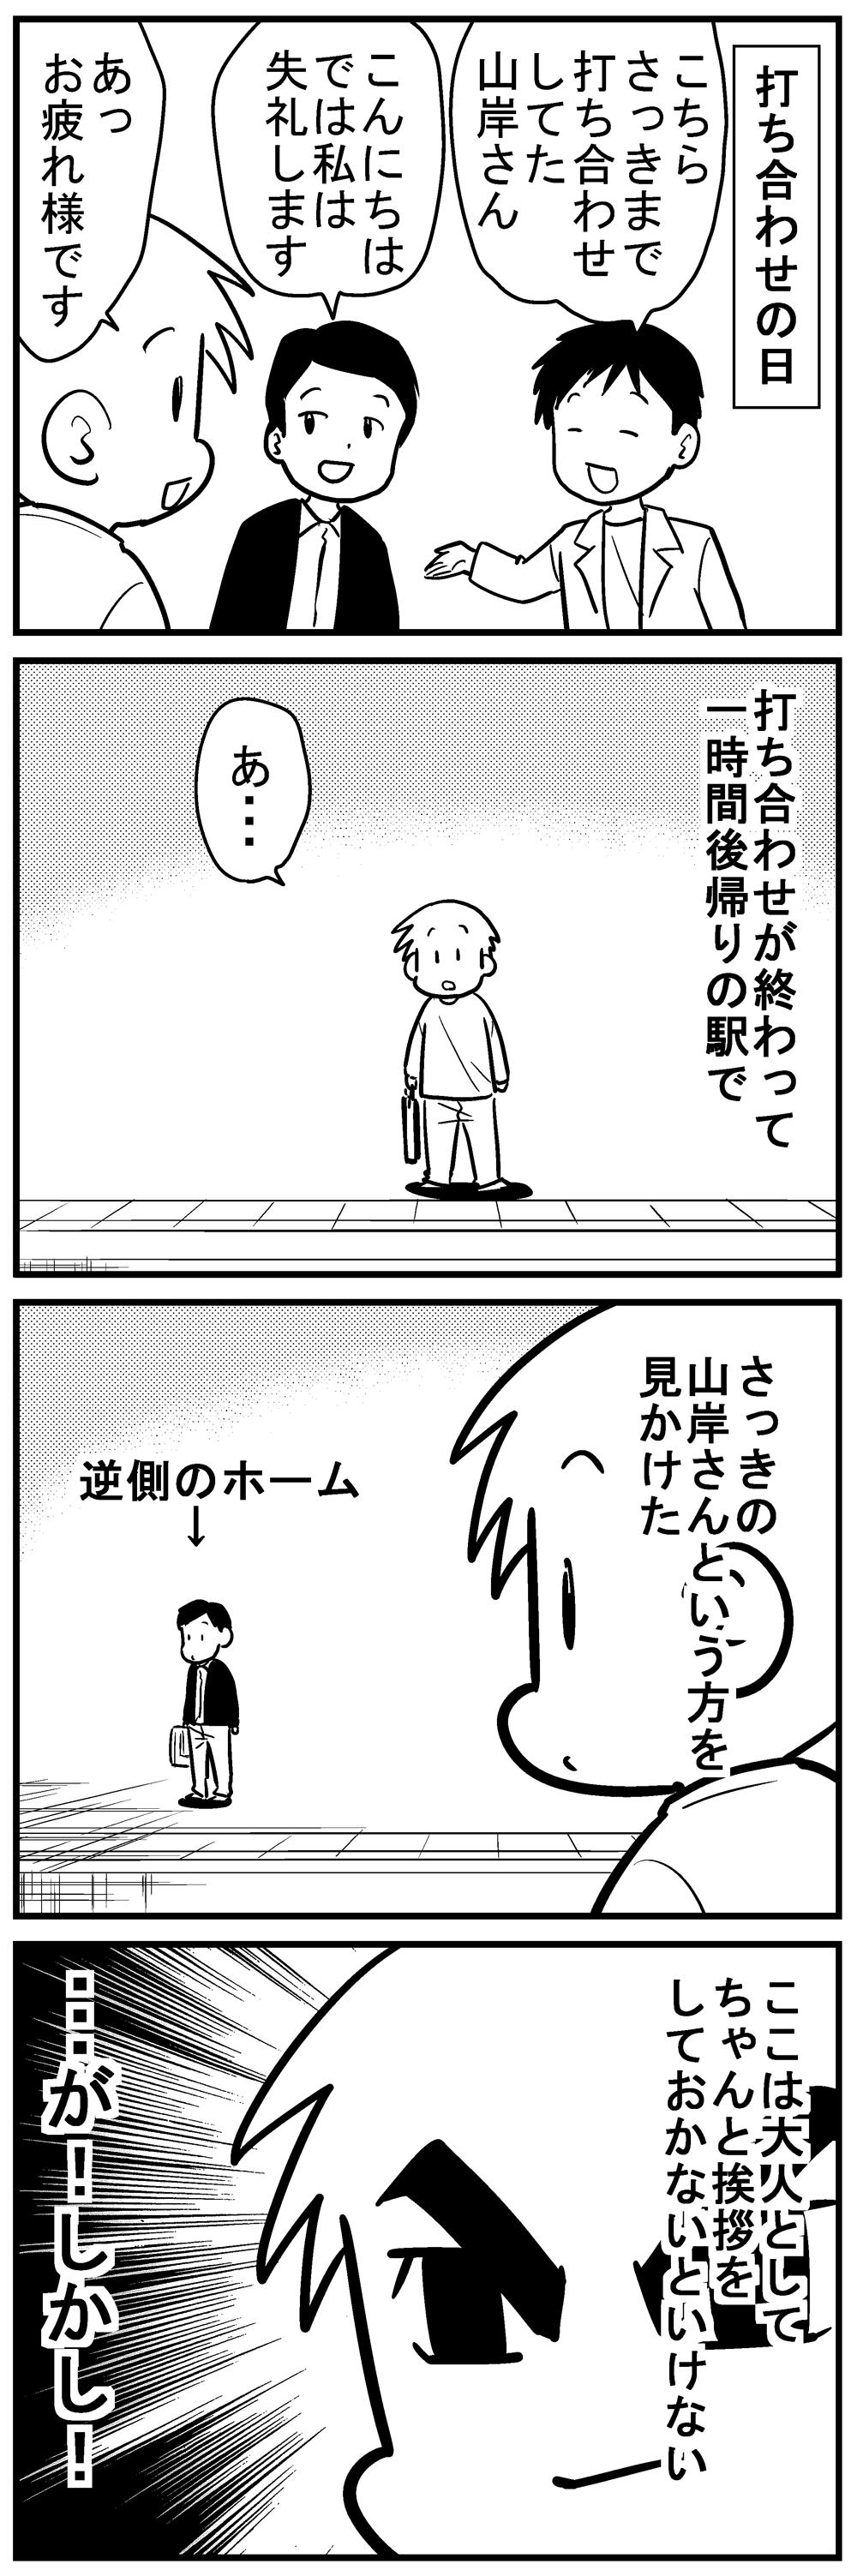 深読みくん98 1